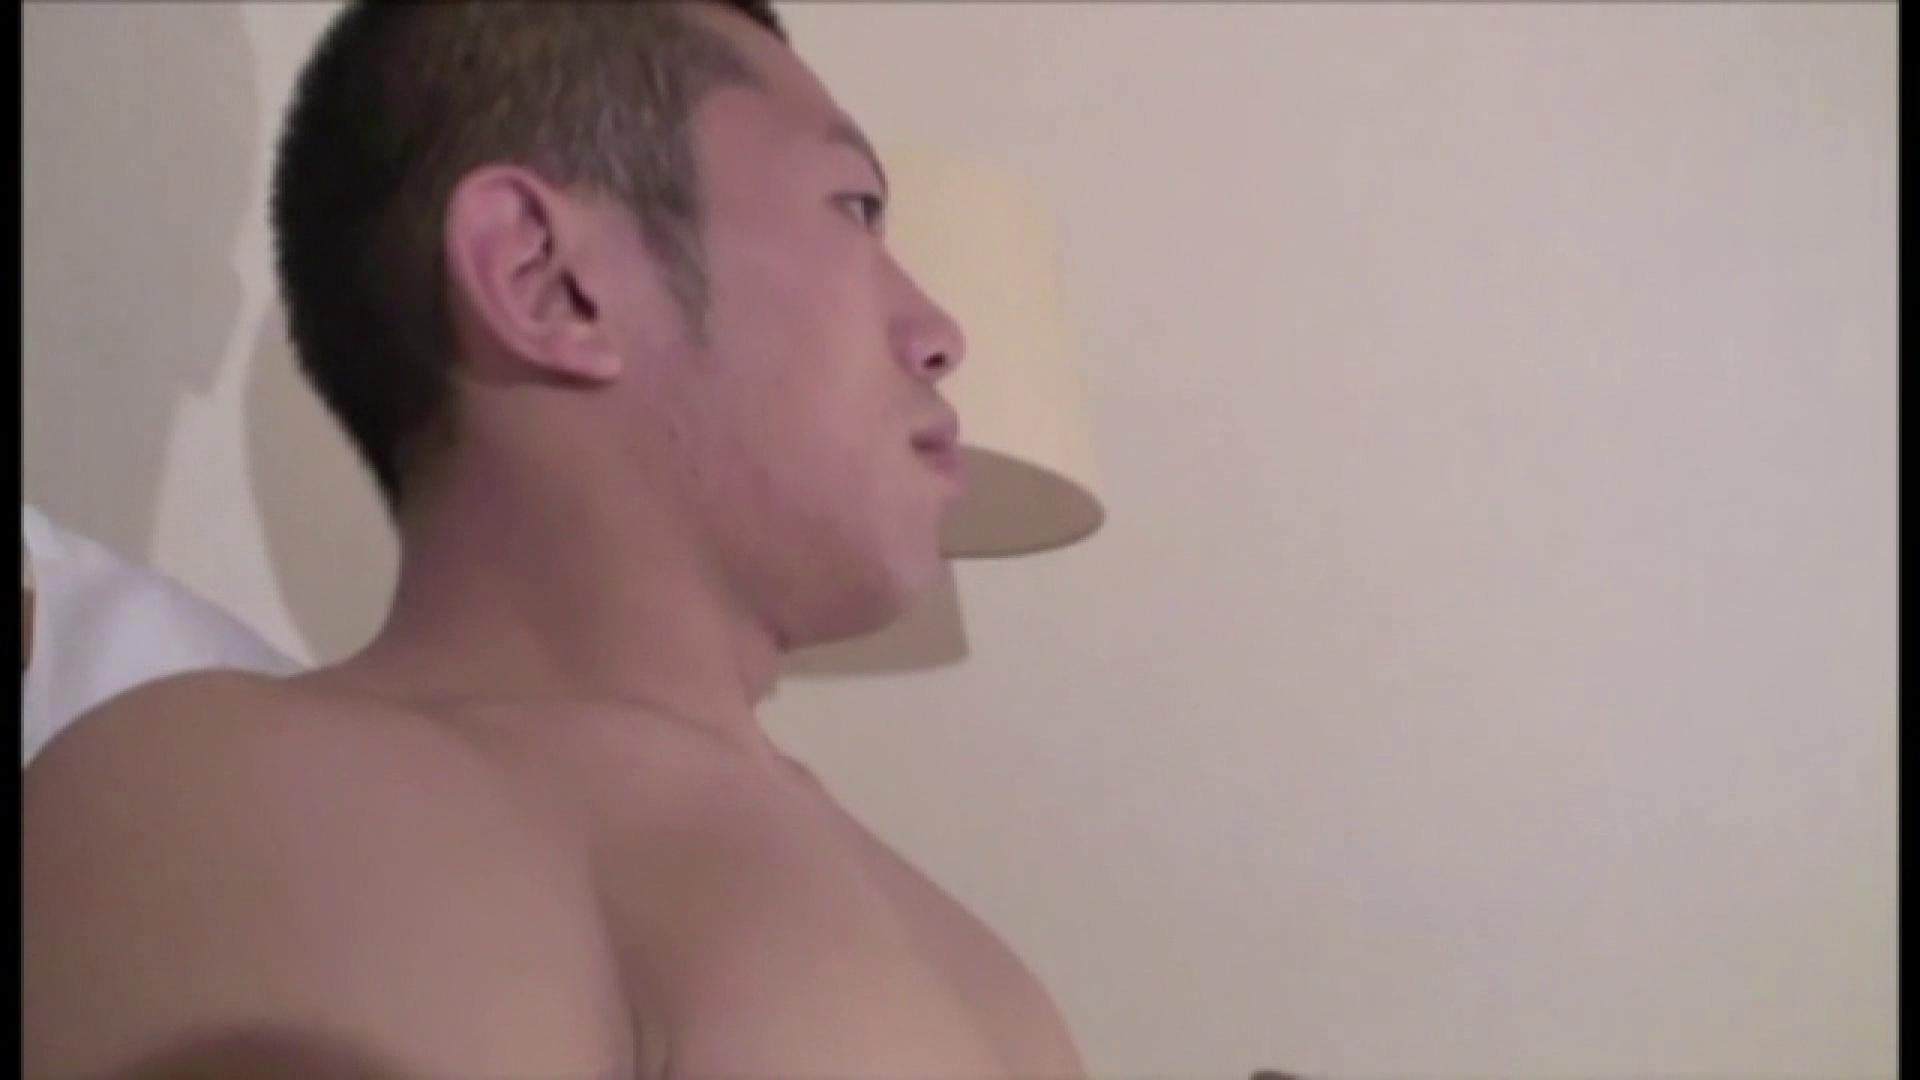 ノンケイケメンの欲望と肉棒 Vol.26 ノンケボーイズ | オナニー特集  88pic 54